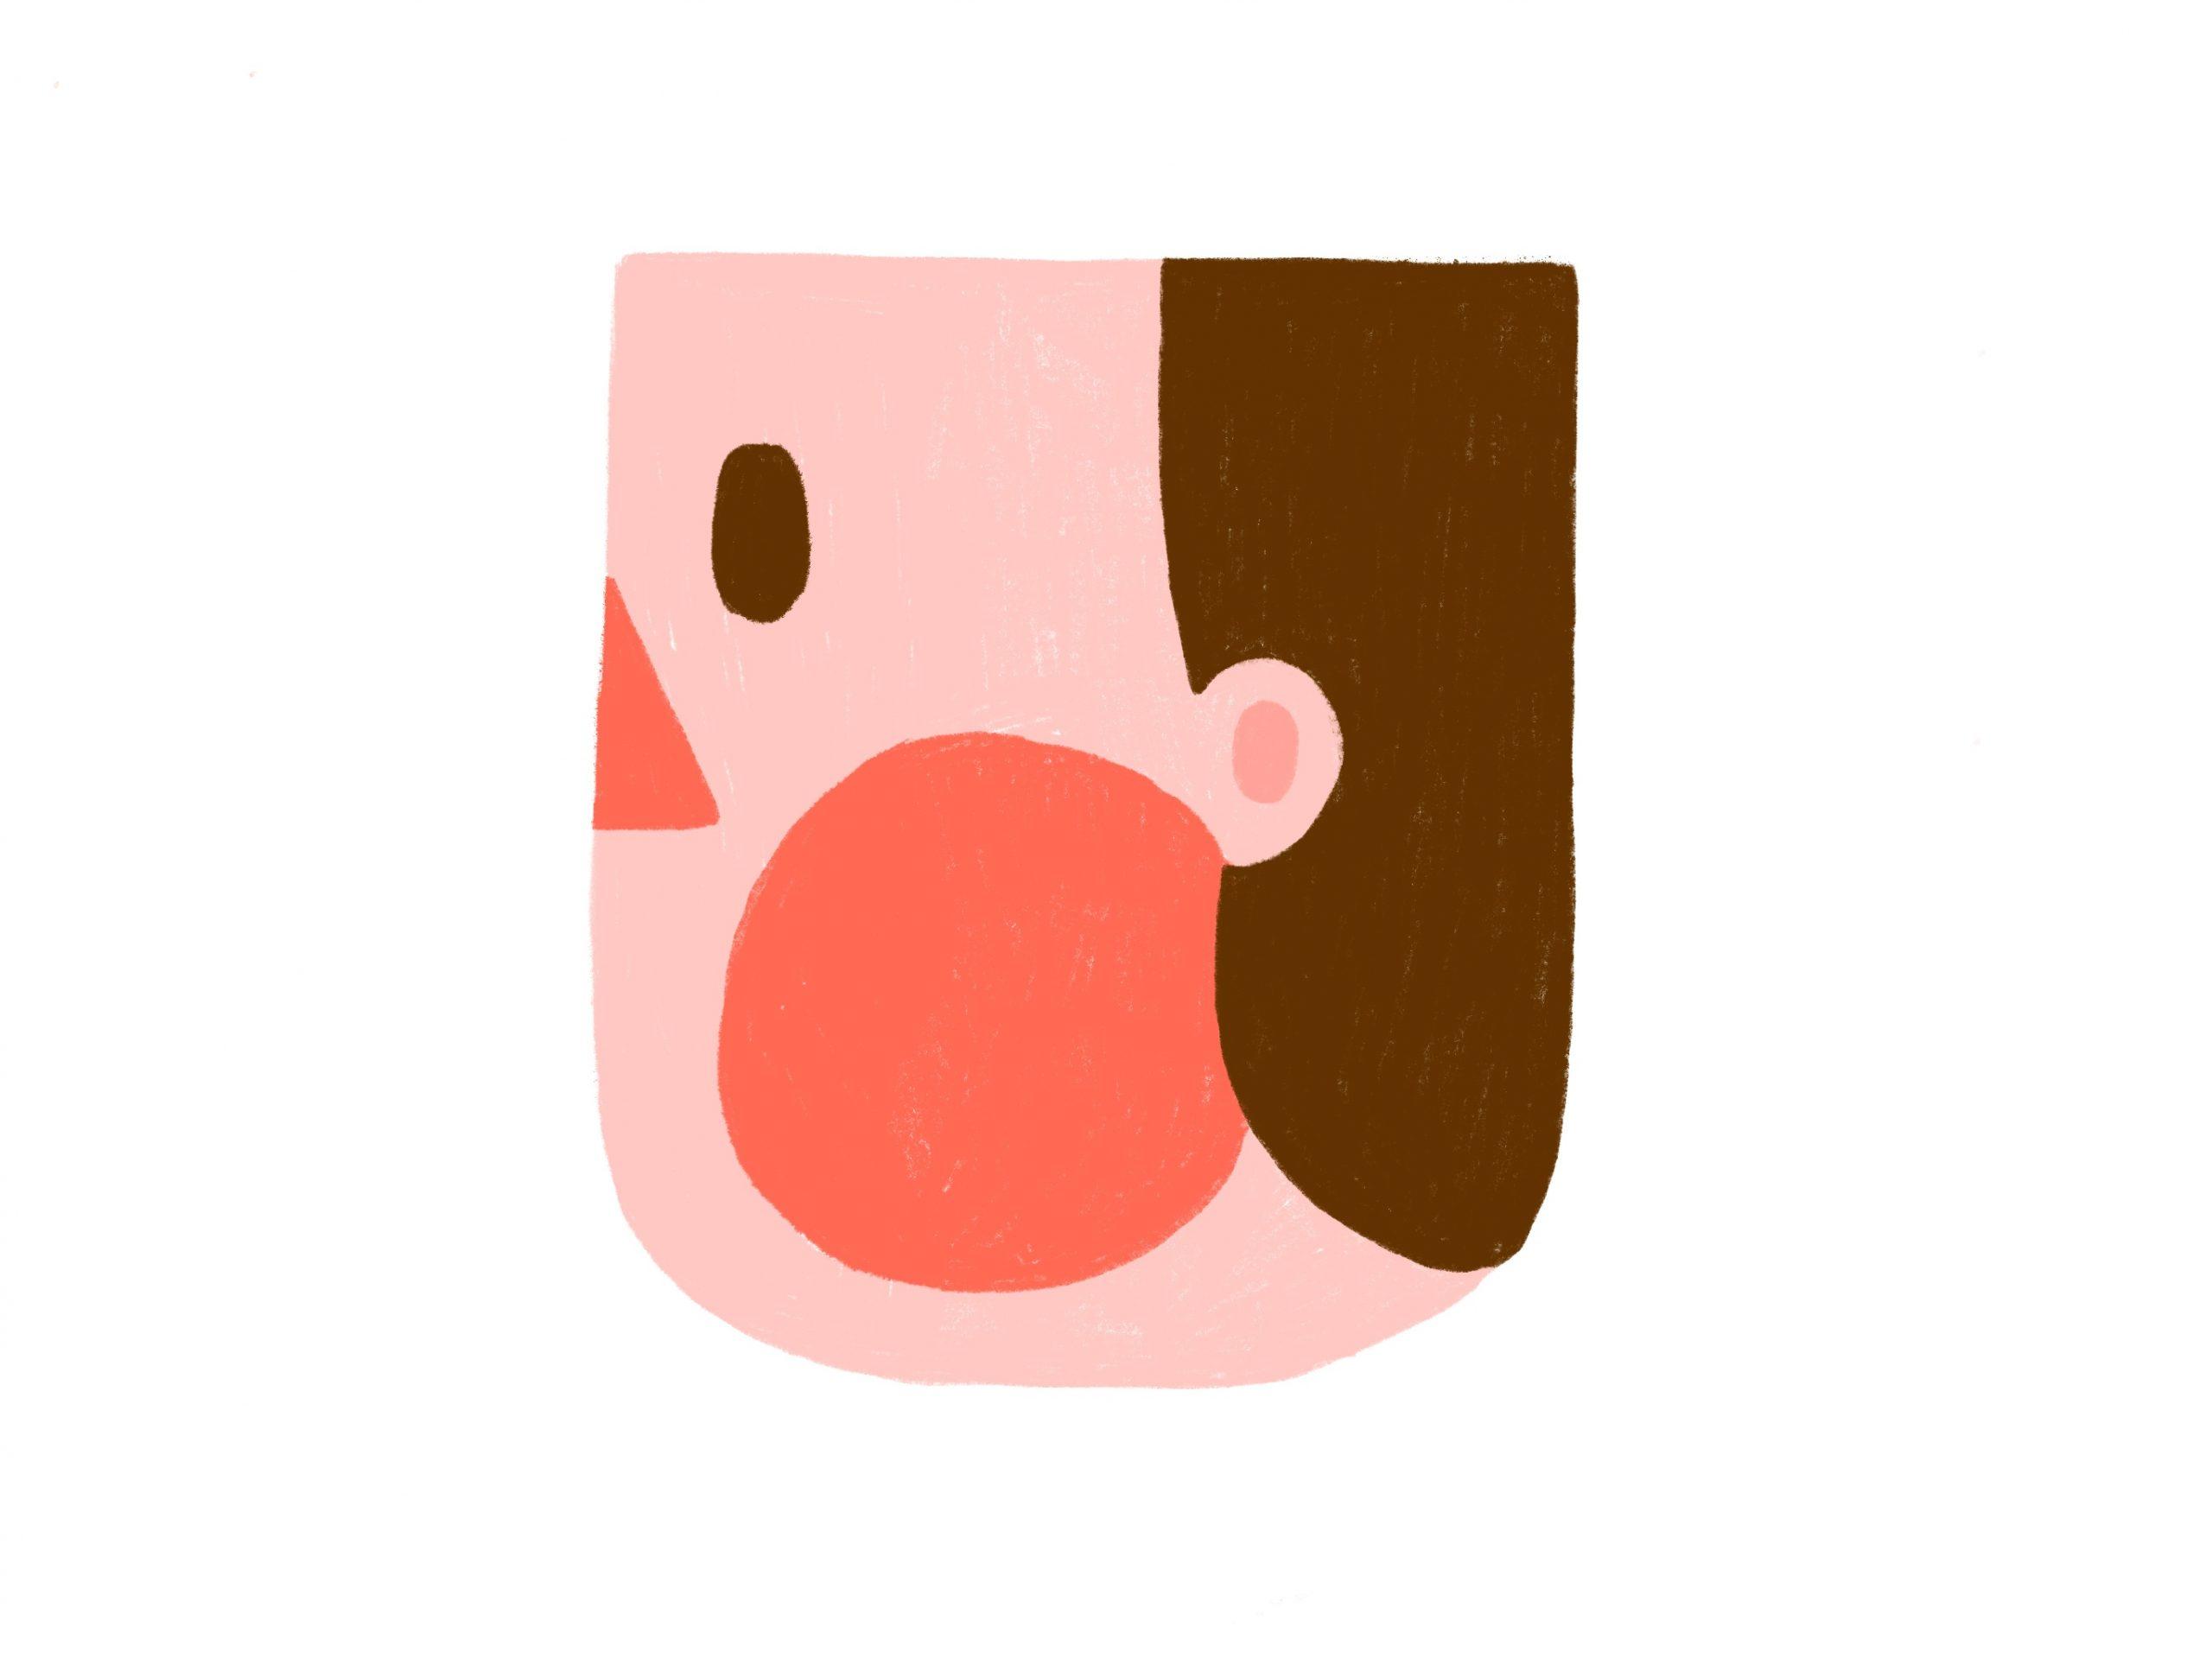 Pocket_Character_01